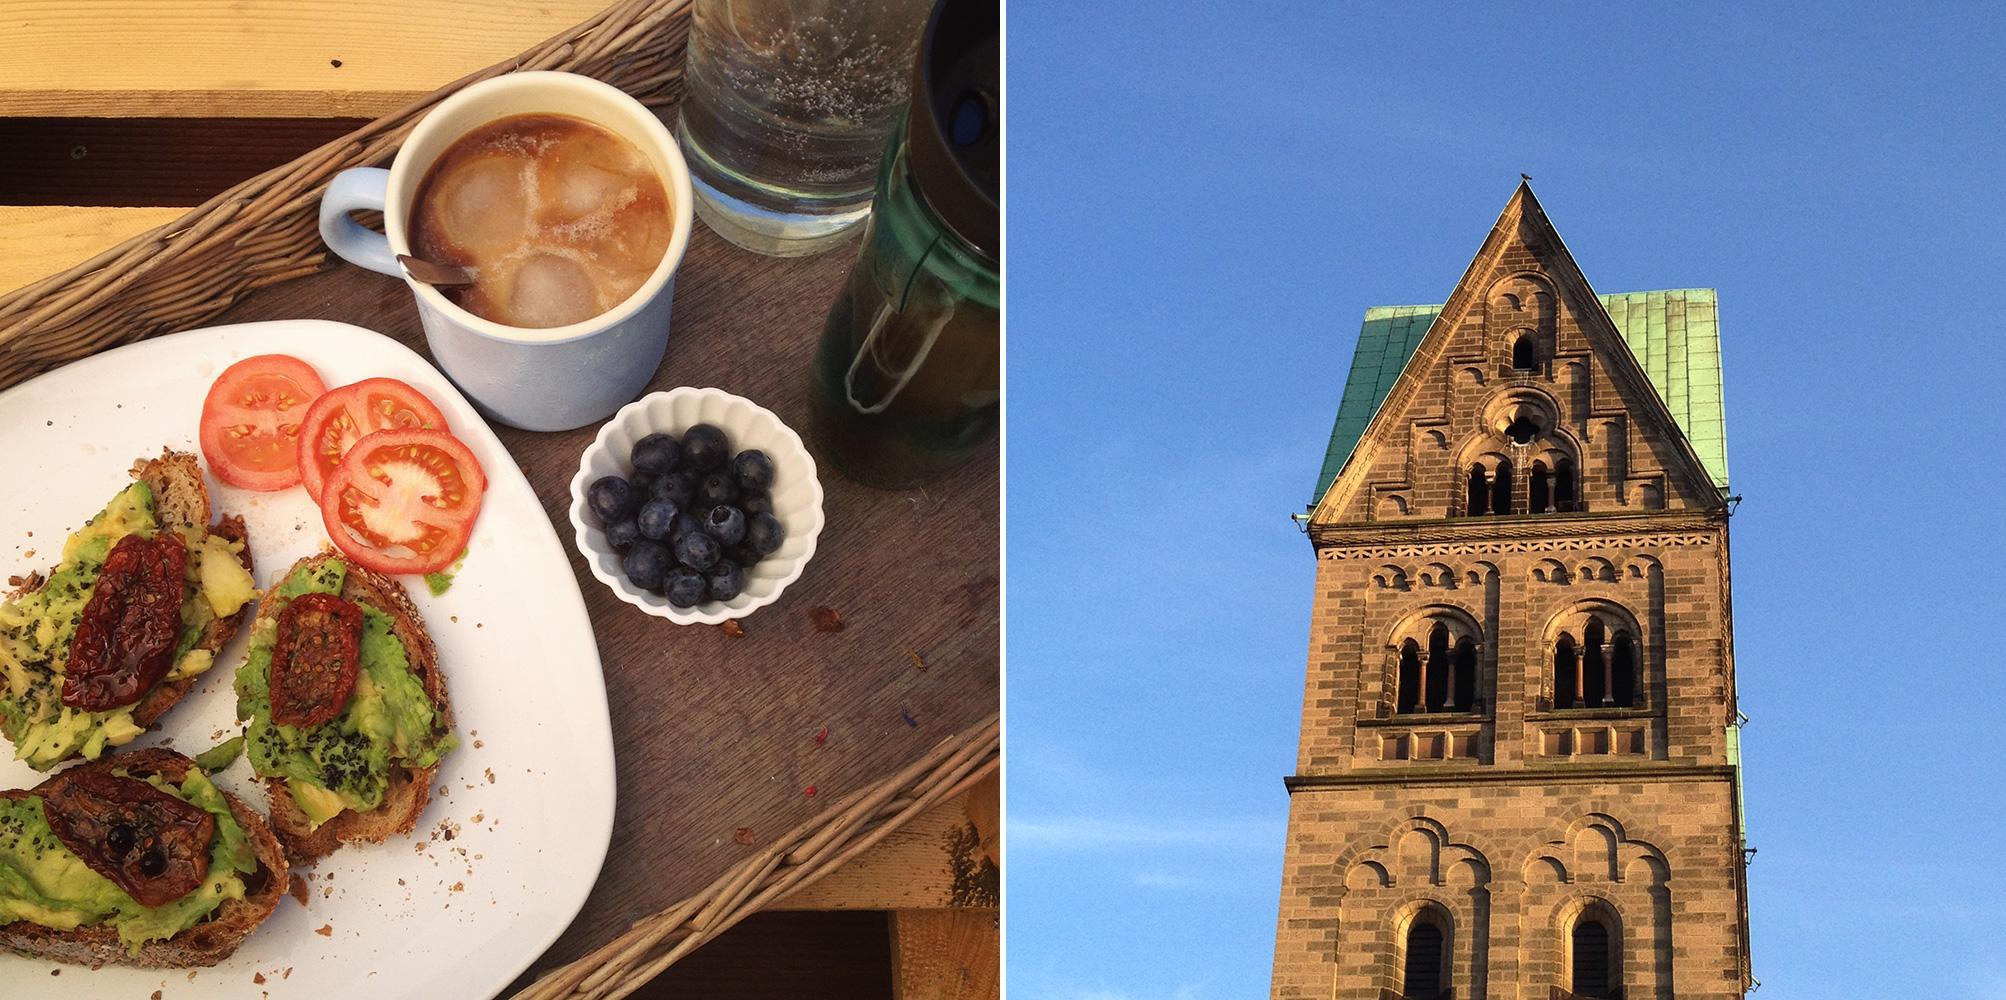 frühstück. auf dem sonnendeck, himmelblau, sommer ist, avocado, kalter kaffee, blaubeeren